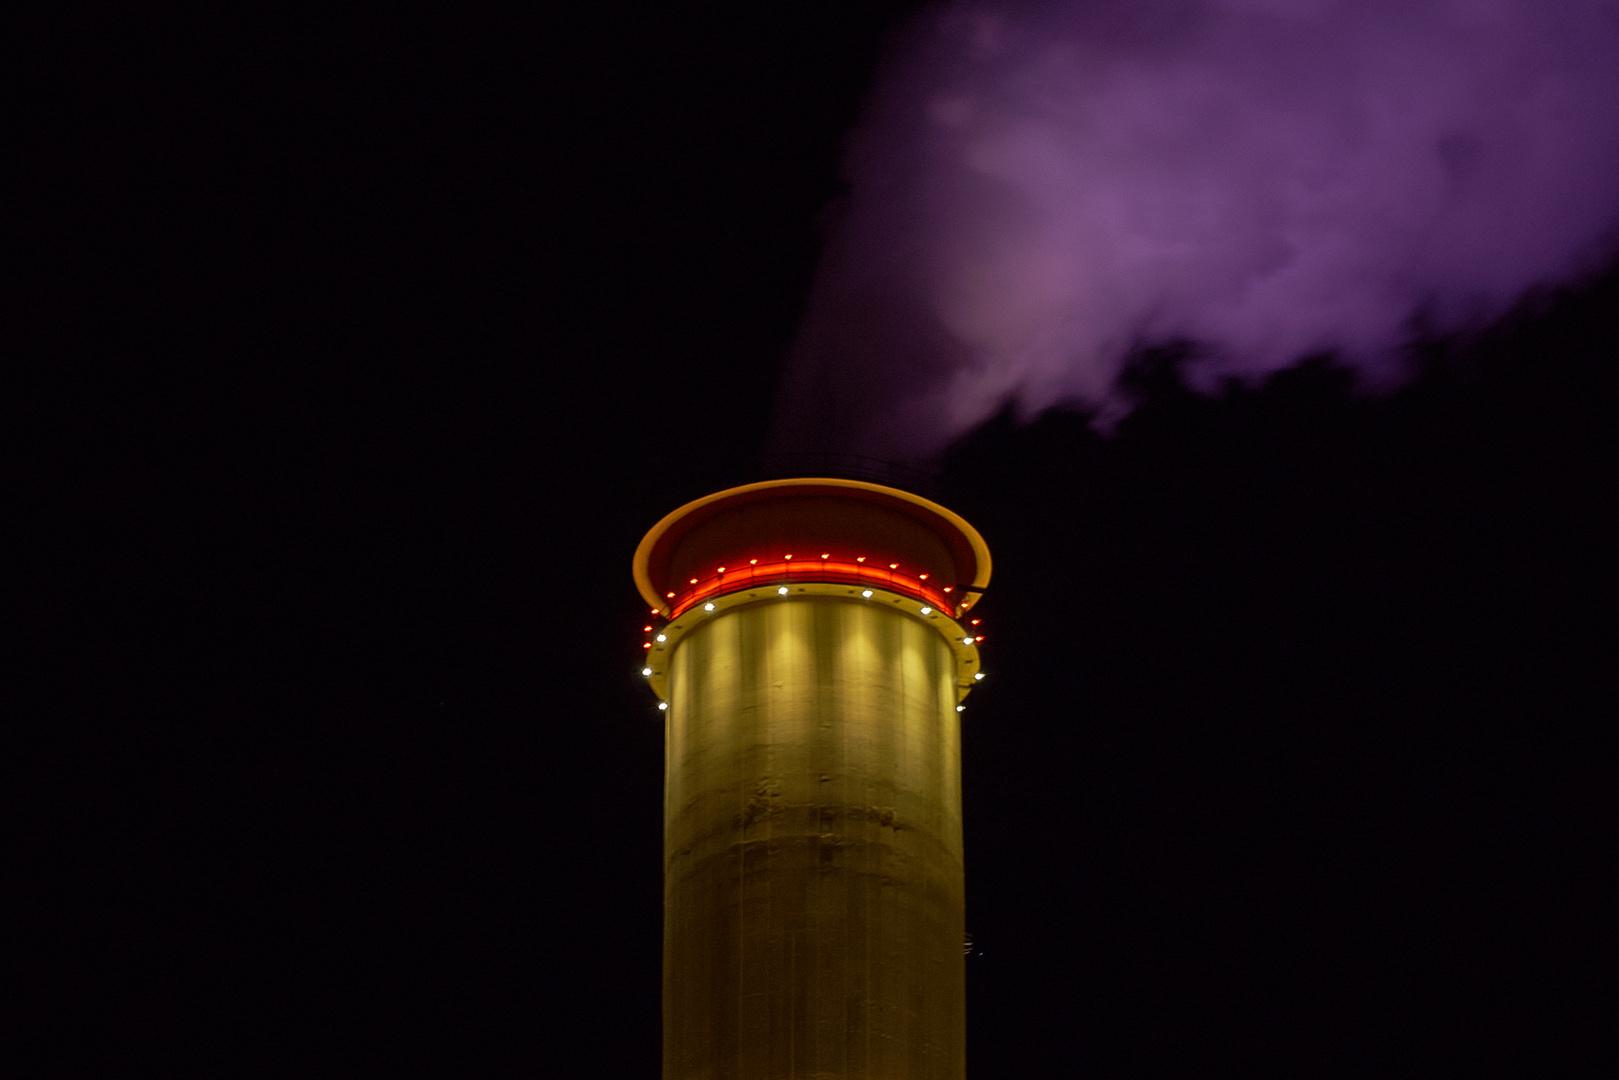 Leuchtturm ohne Schiffsverkehr ;)